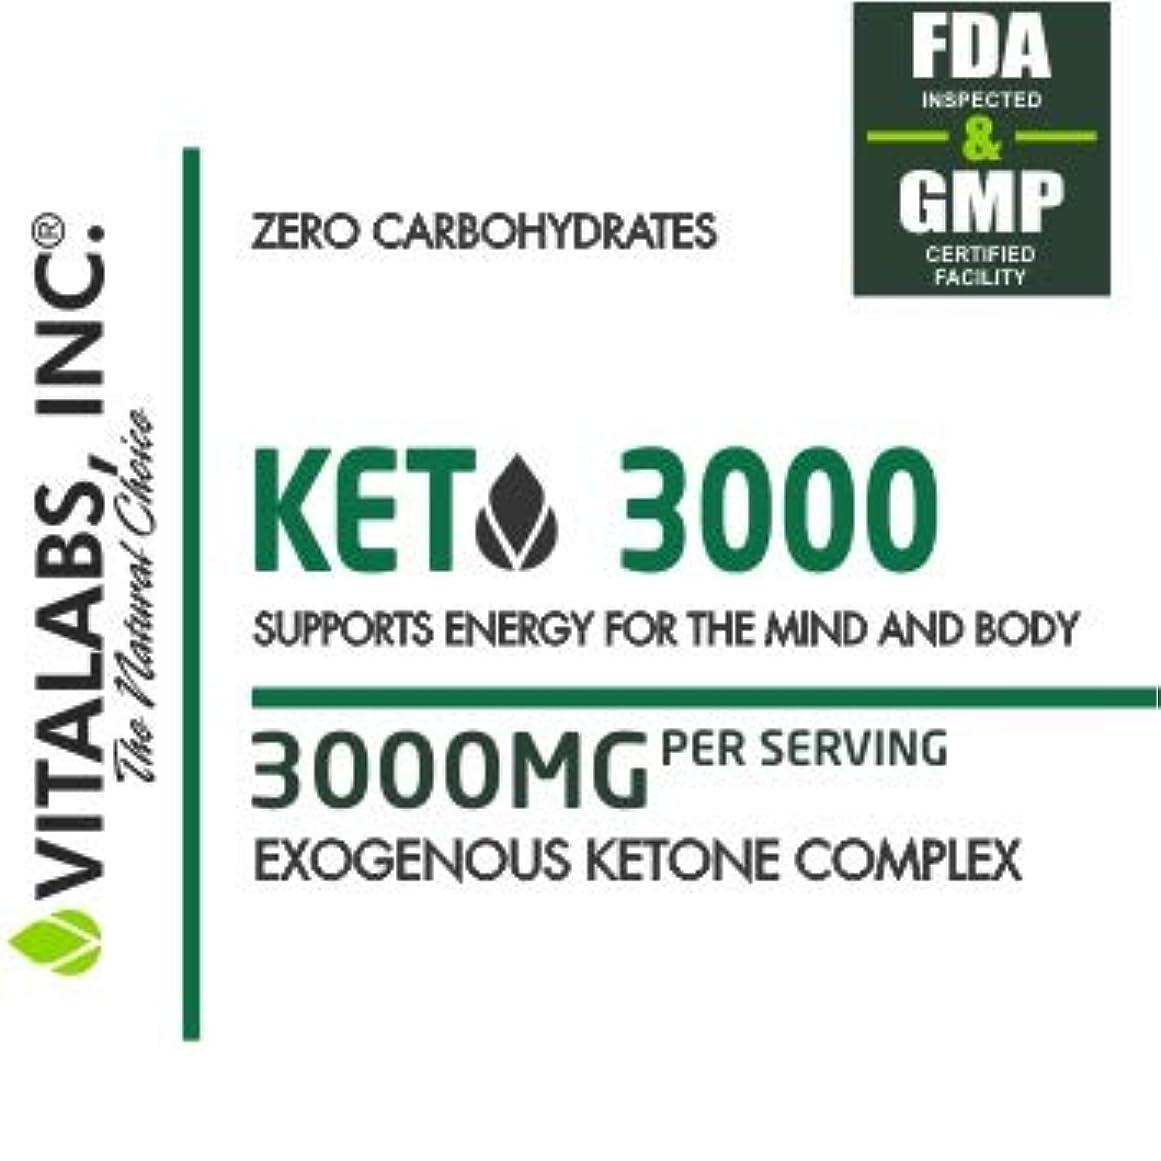 とんでもない些細シール低炭水化物状態を作る/ケトジェニックダイエットサポートサプリメント KETO 3000/ Vitalabs 【アメリカより直送】 (120カプセル(30回分))